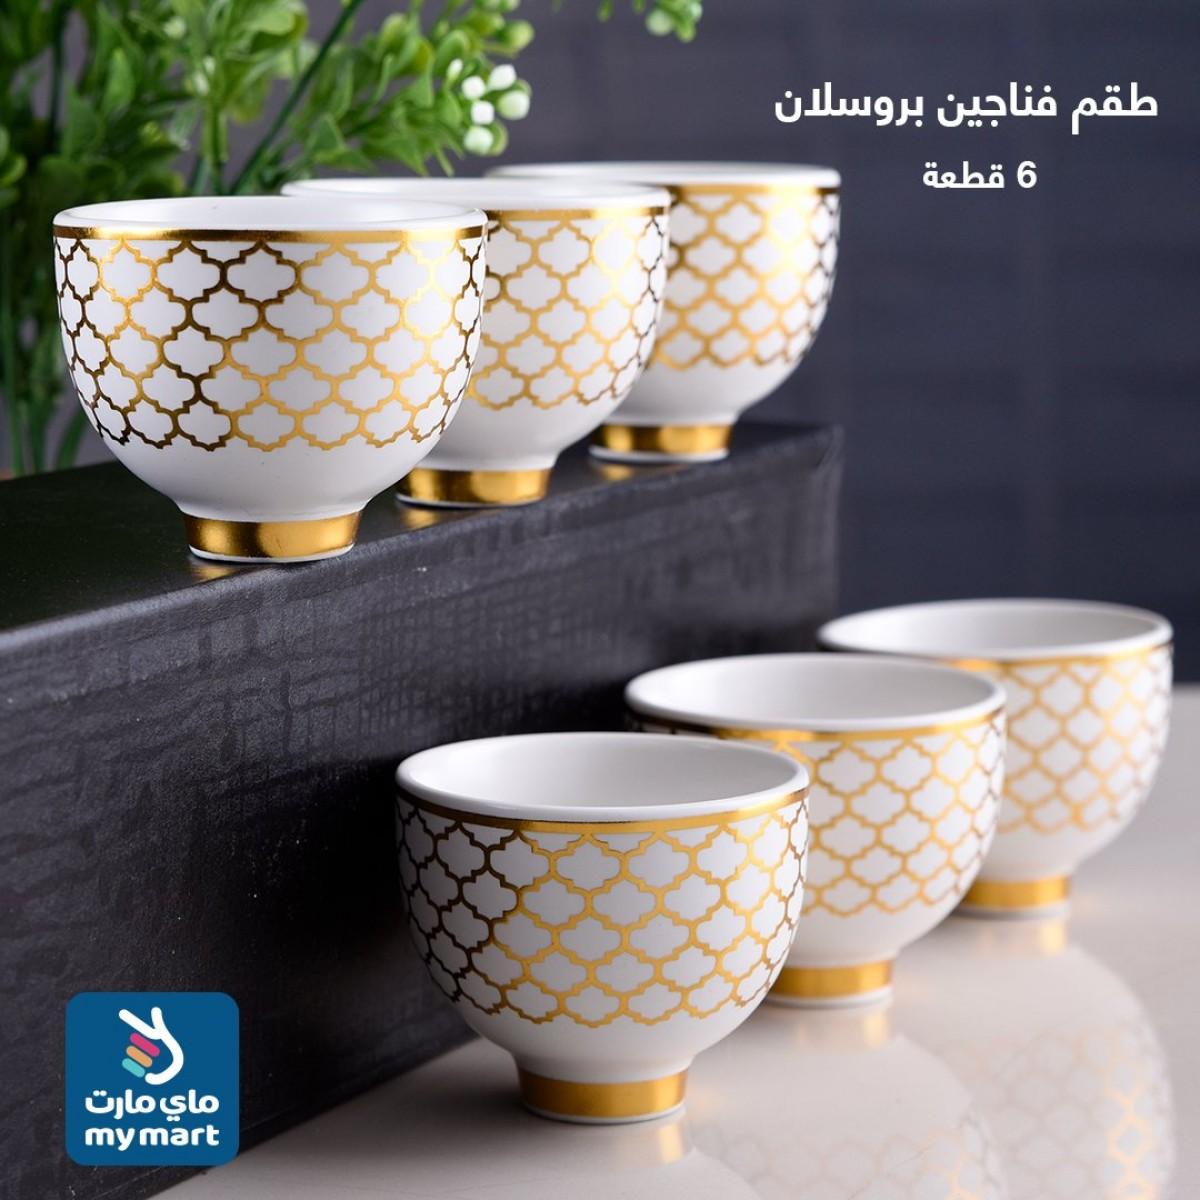 طقم فناجين قهوة عربي 6 فنجان , رقم 020355